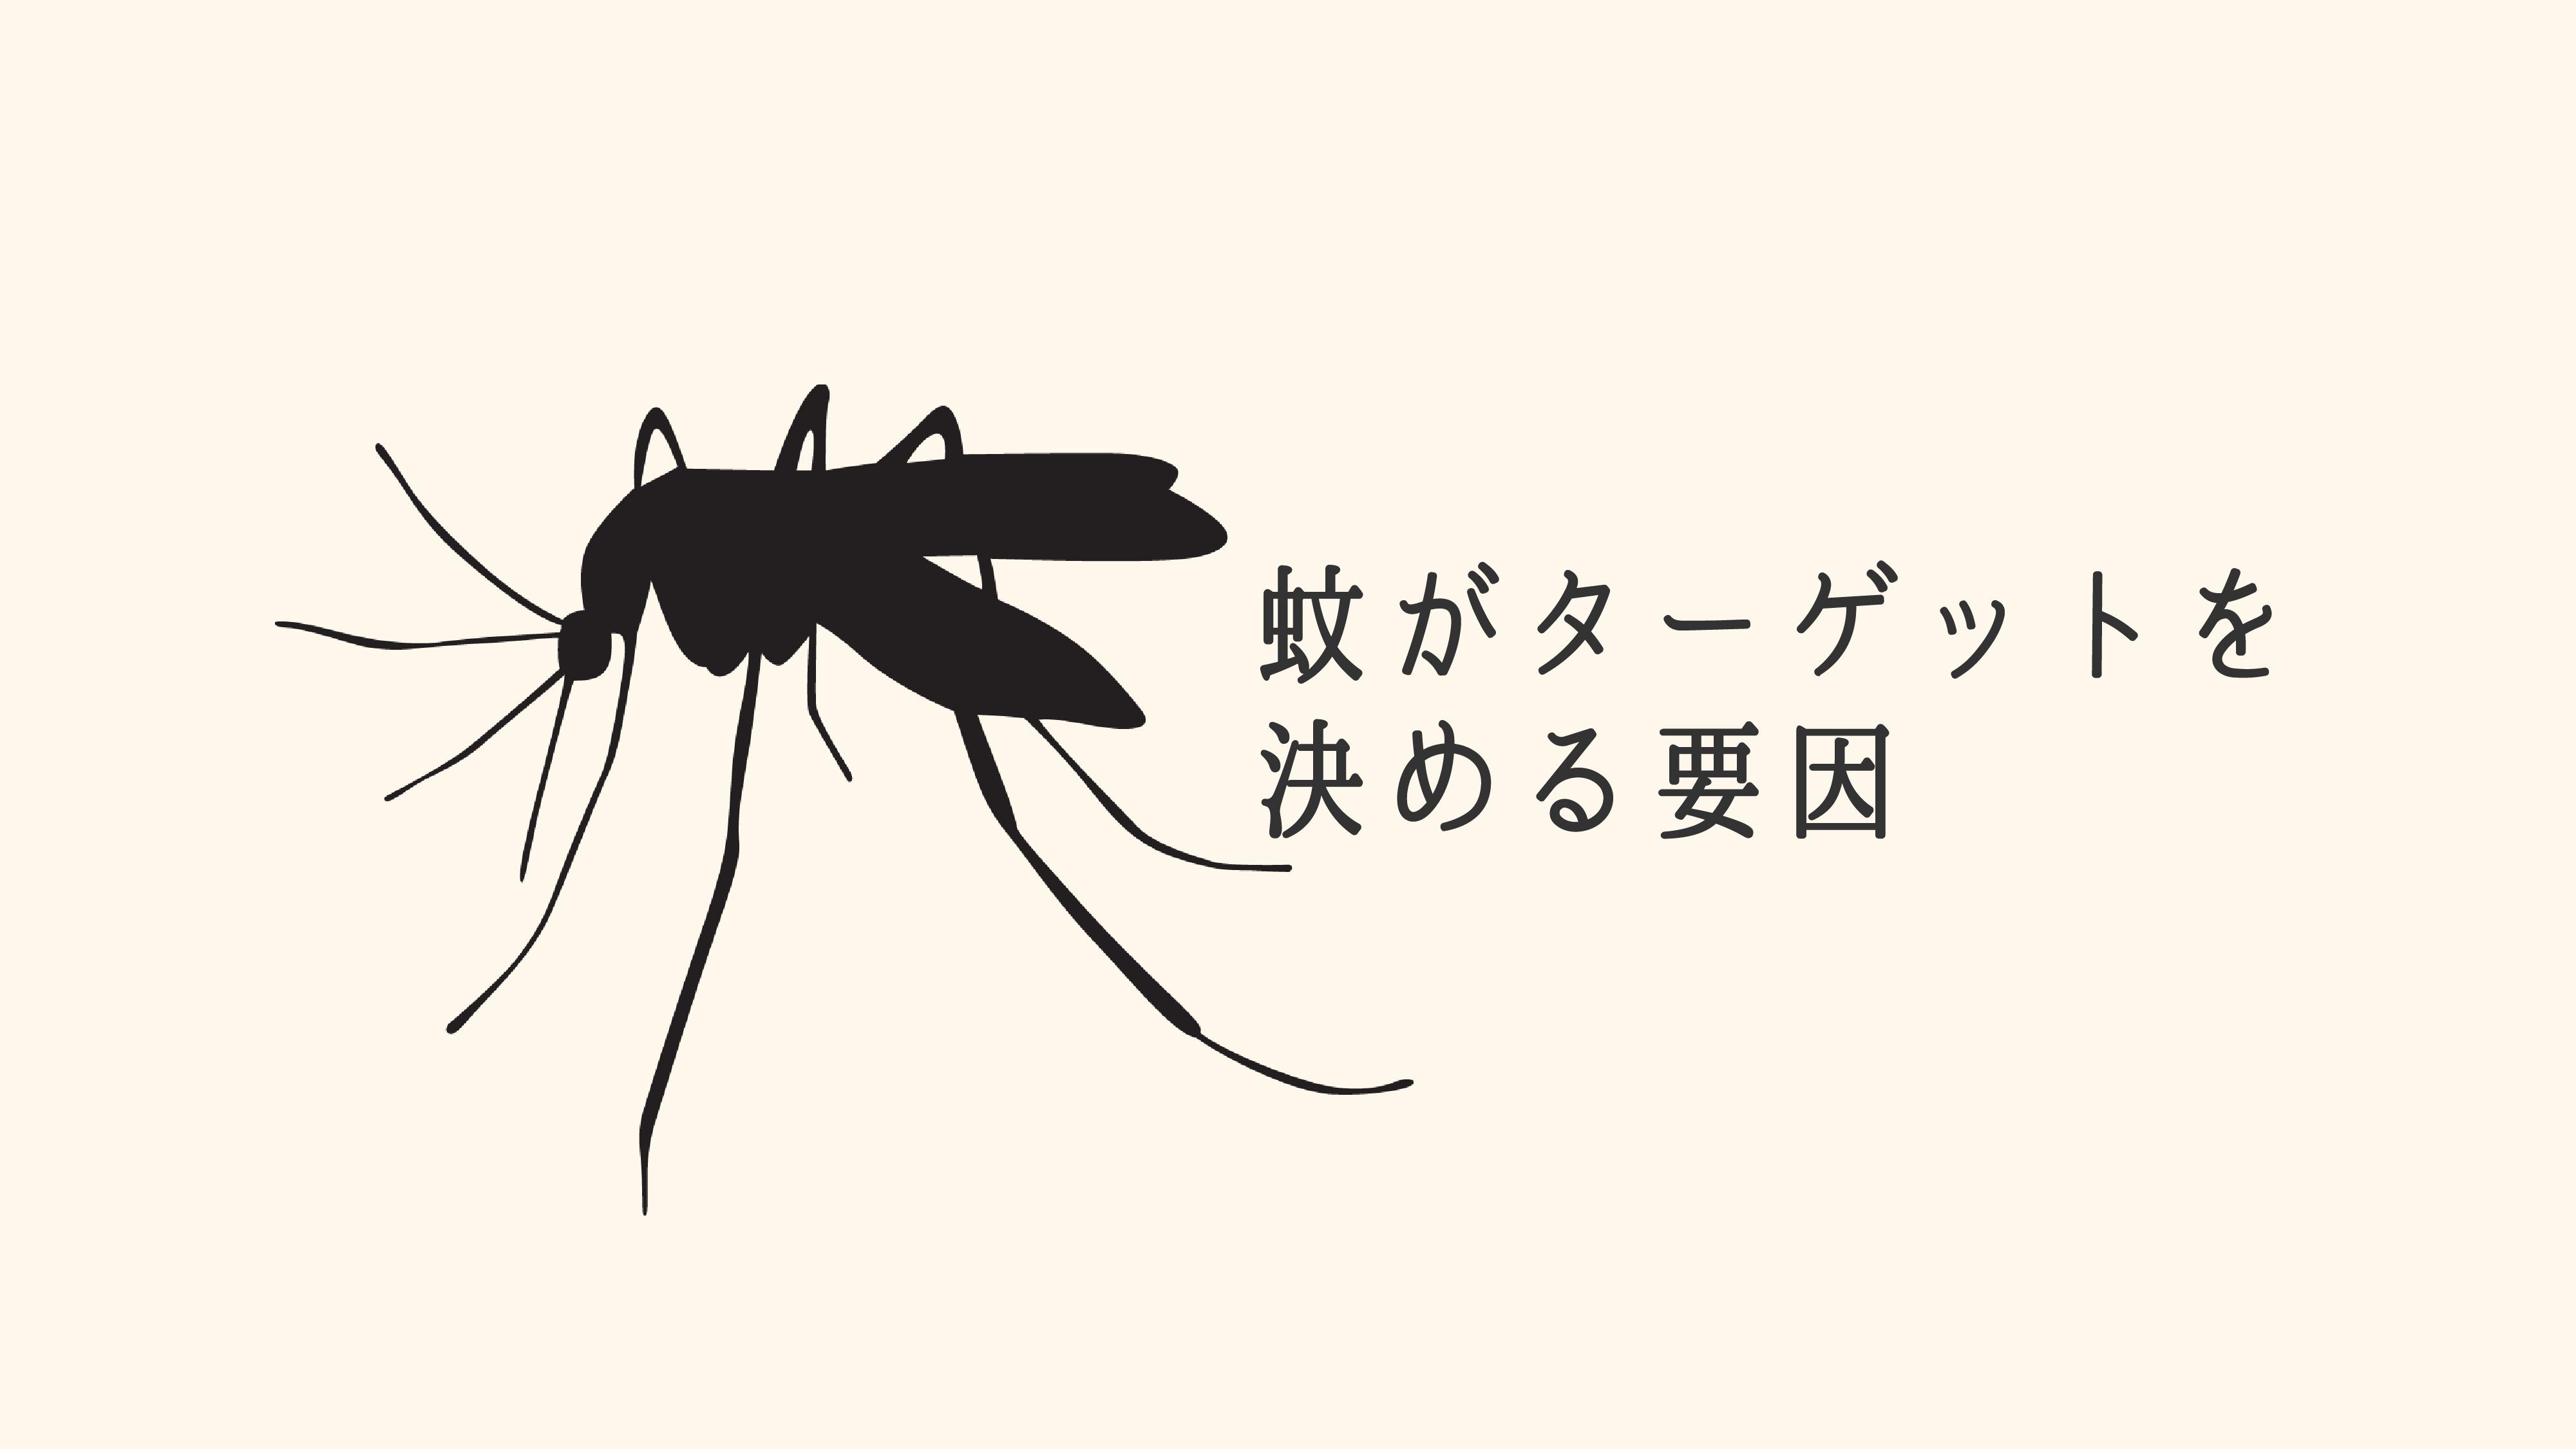 蚊ドラッグエンジン